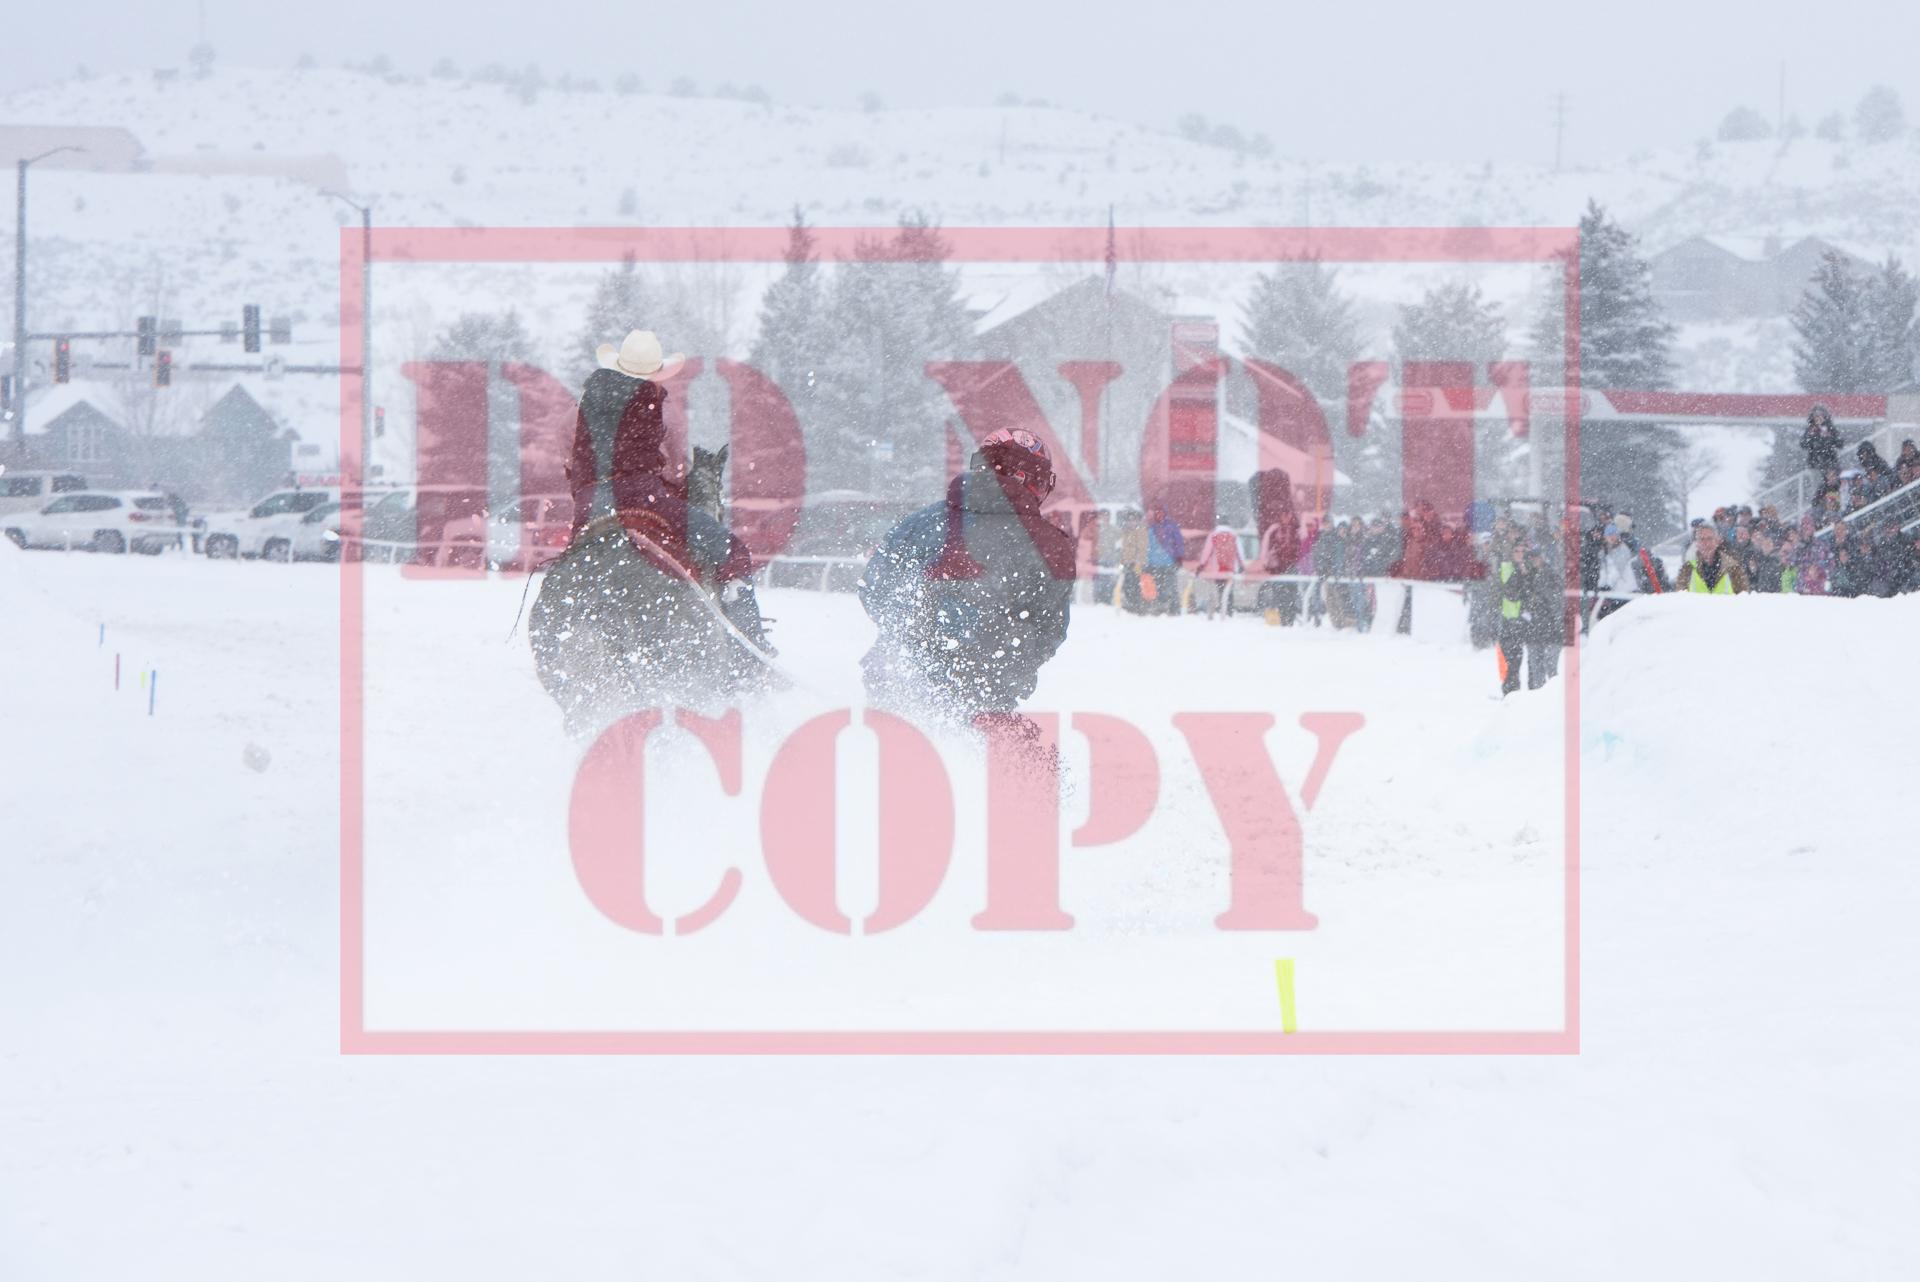 - Claudia Schmidt - Snowboard 7